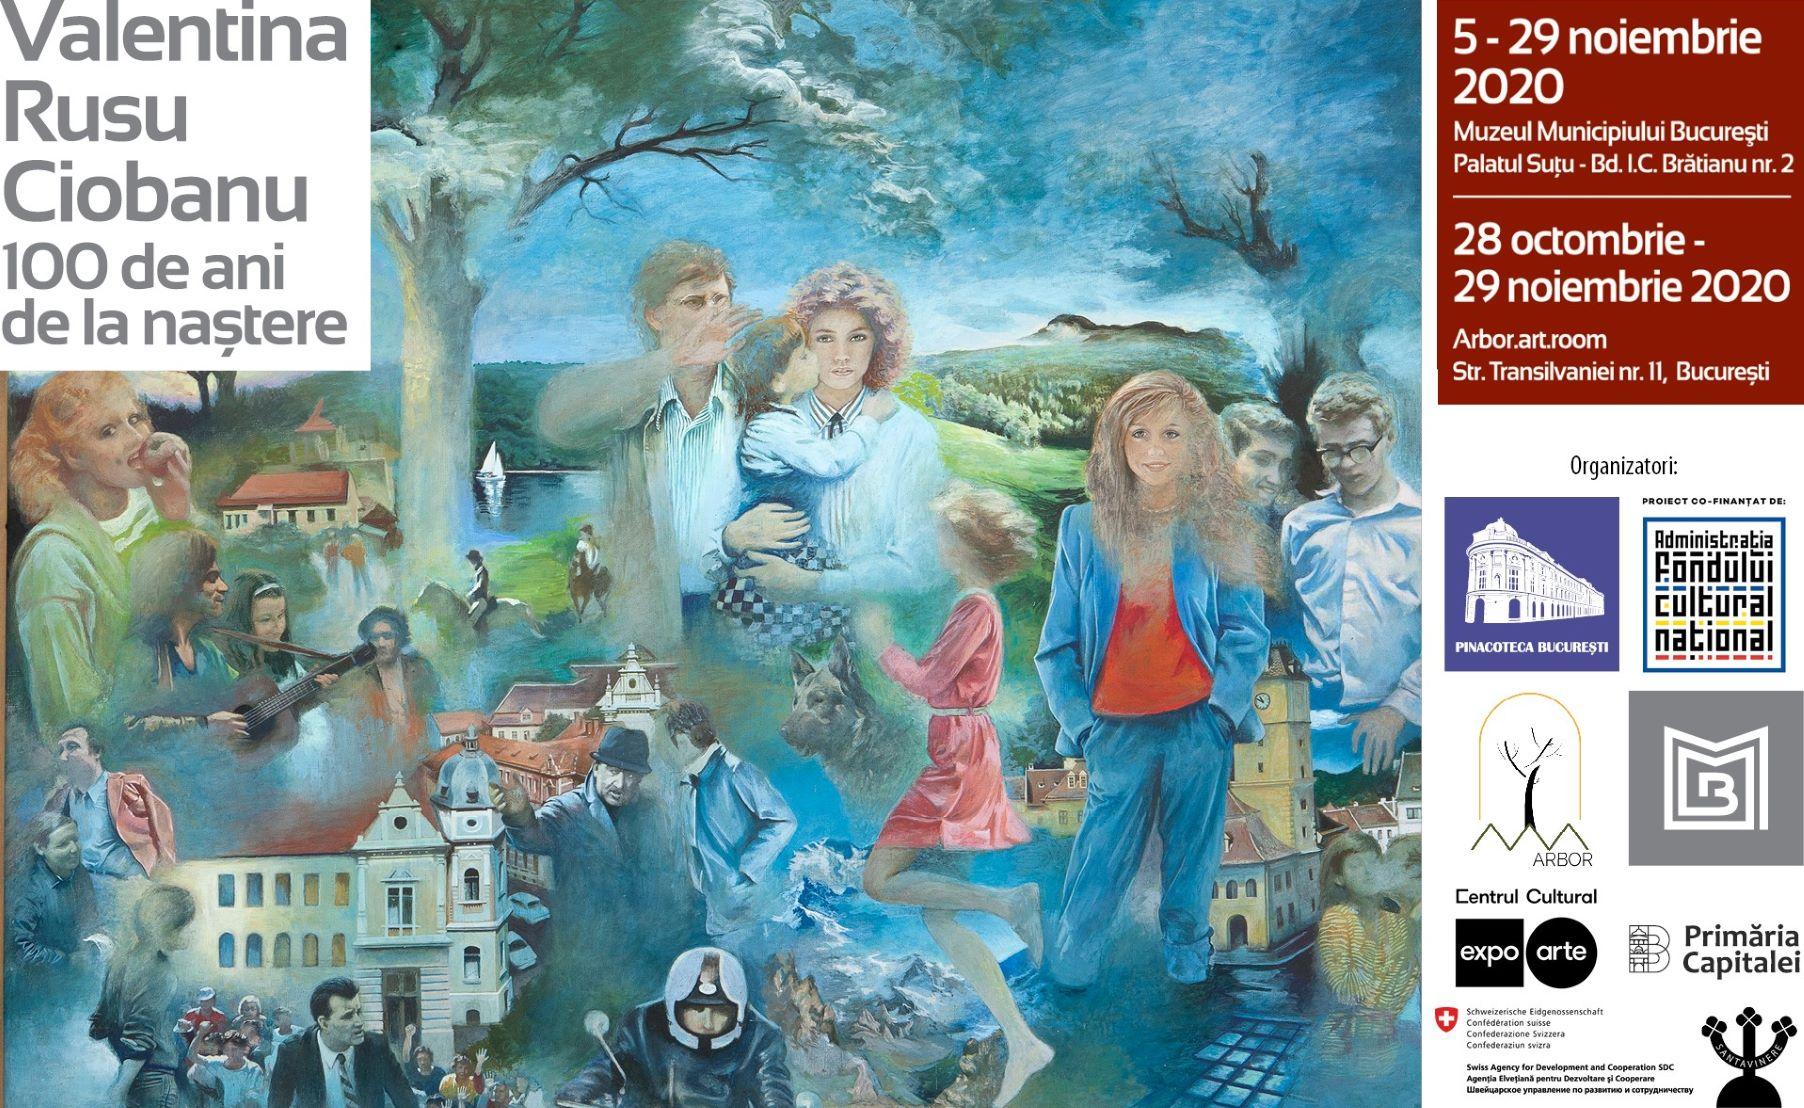 Primele expoziții personale ale pictoriței Valentina Rusu Ciobanu în România